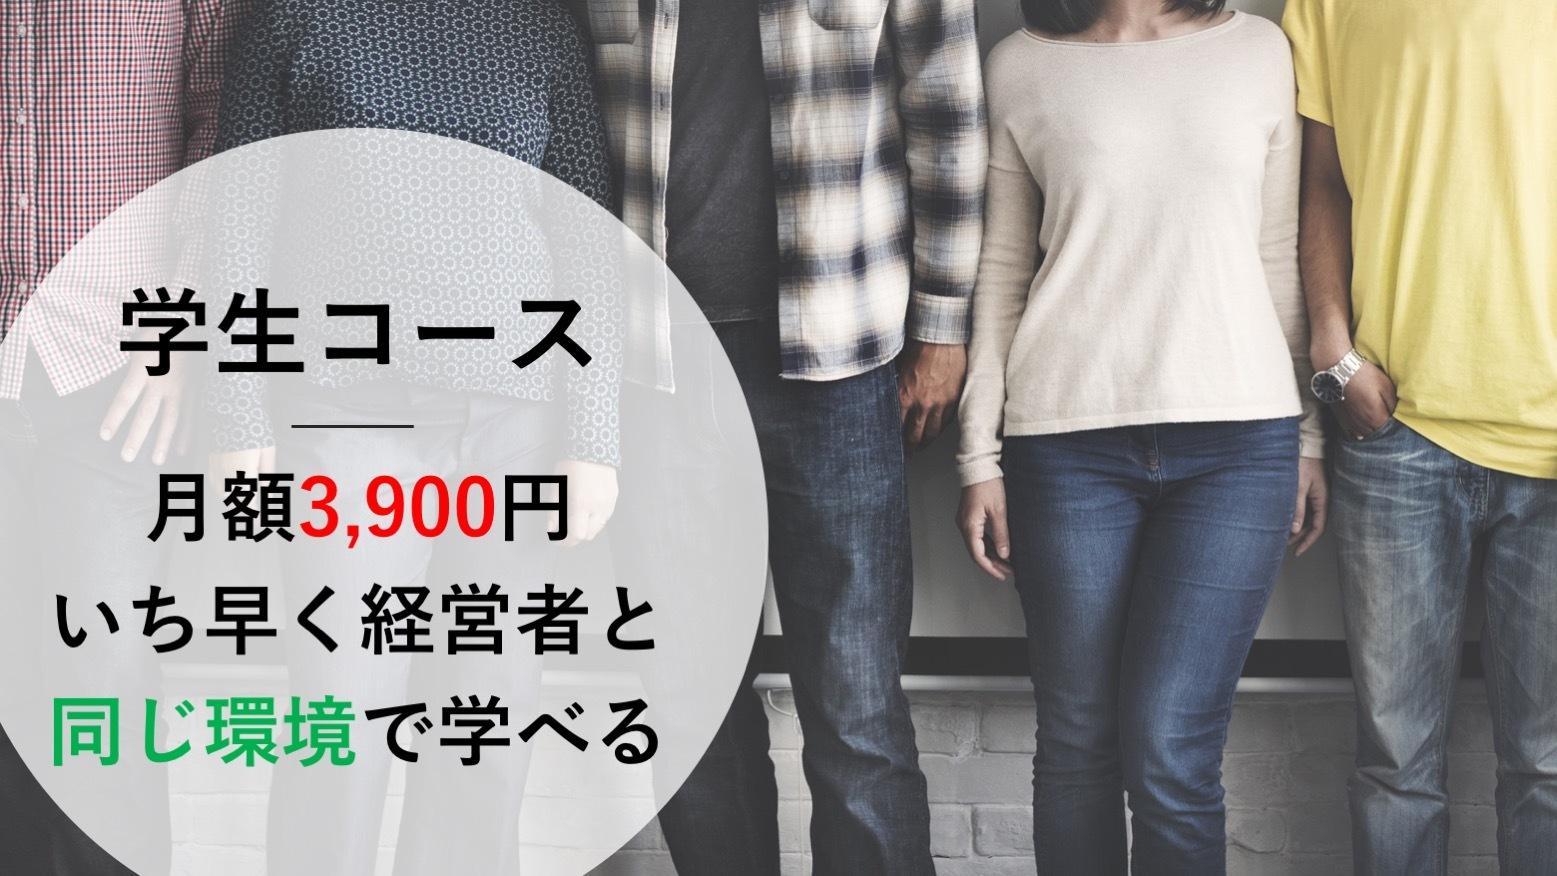 【学生コース】ビジネスサークル会費